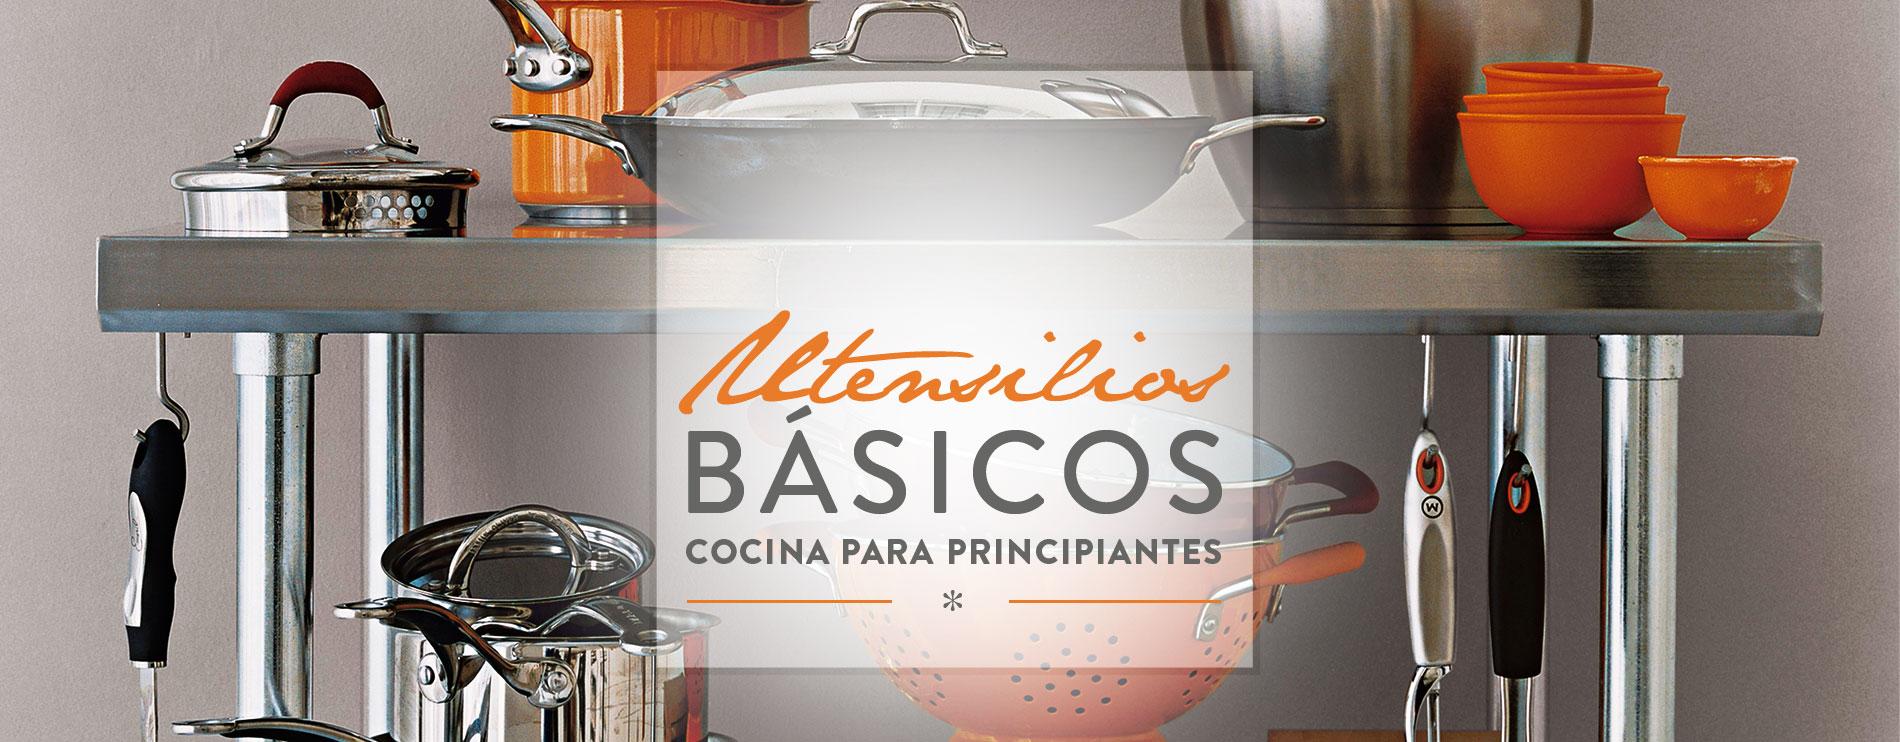 Food_Utensilios_ES_bnr_top